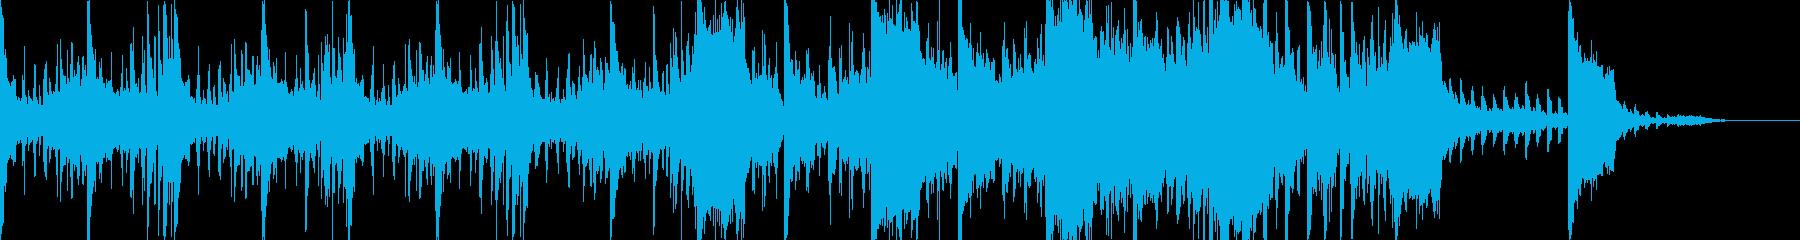 エレクトロなシネマティックな曲の再生済みの波形